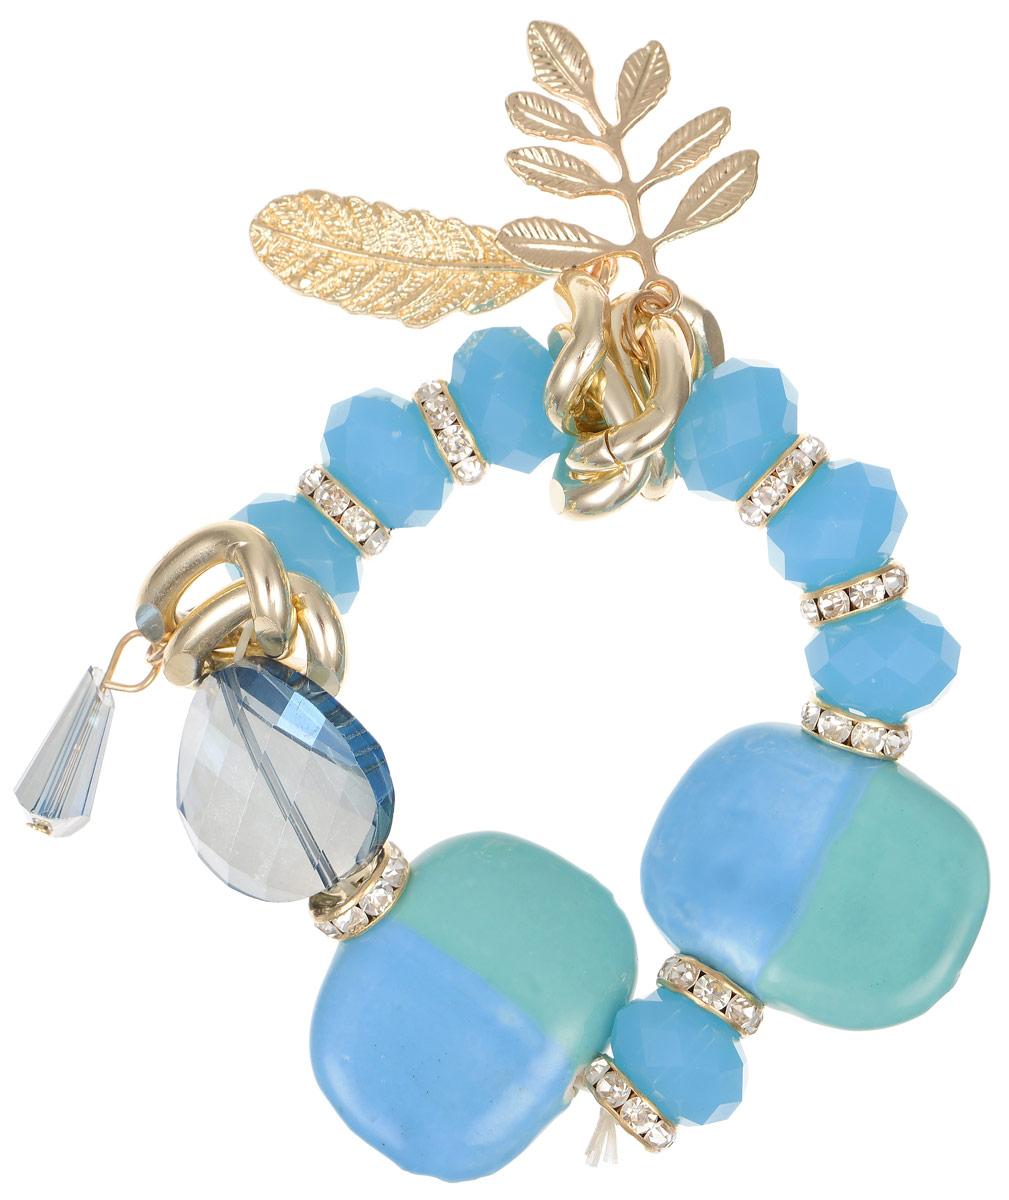 Браслет Taya, цвет: золотистый, голубой. T-B-9968T-B-9968-BRAC-GL.BLUEСтильный браслет Taya изготовлен из гипоаллергенного бижутерного сплава на основе латуни, который не содержит свинец и никель. Браслет выполнен на эластичной основе из декоративных бусин и камней различной формы. Изделие дополнено элементами украшенными стразами и оригинальными подвесками в виде лепестков. Такой браслет позволит вам быть оригинальной, изящной и создать свой неповторимый образ. Красивое и необычное украшение блестяще подчеркнет изысканный вкус, женственность и красоту своей обладательницы и поможет внести разнообразие в привычный образ.